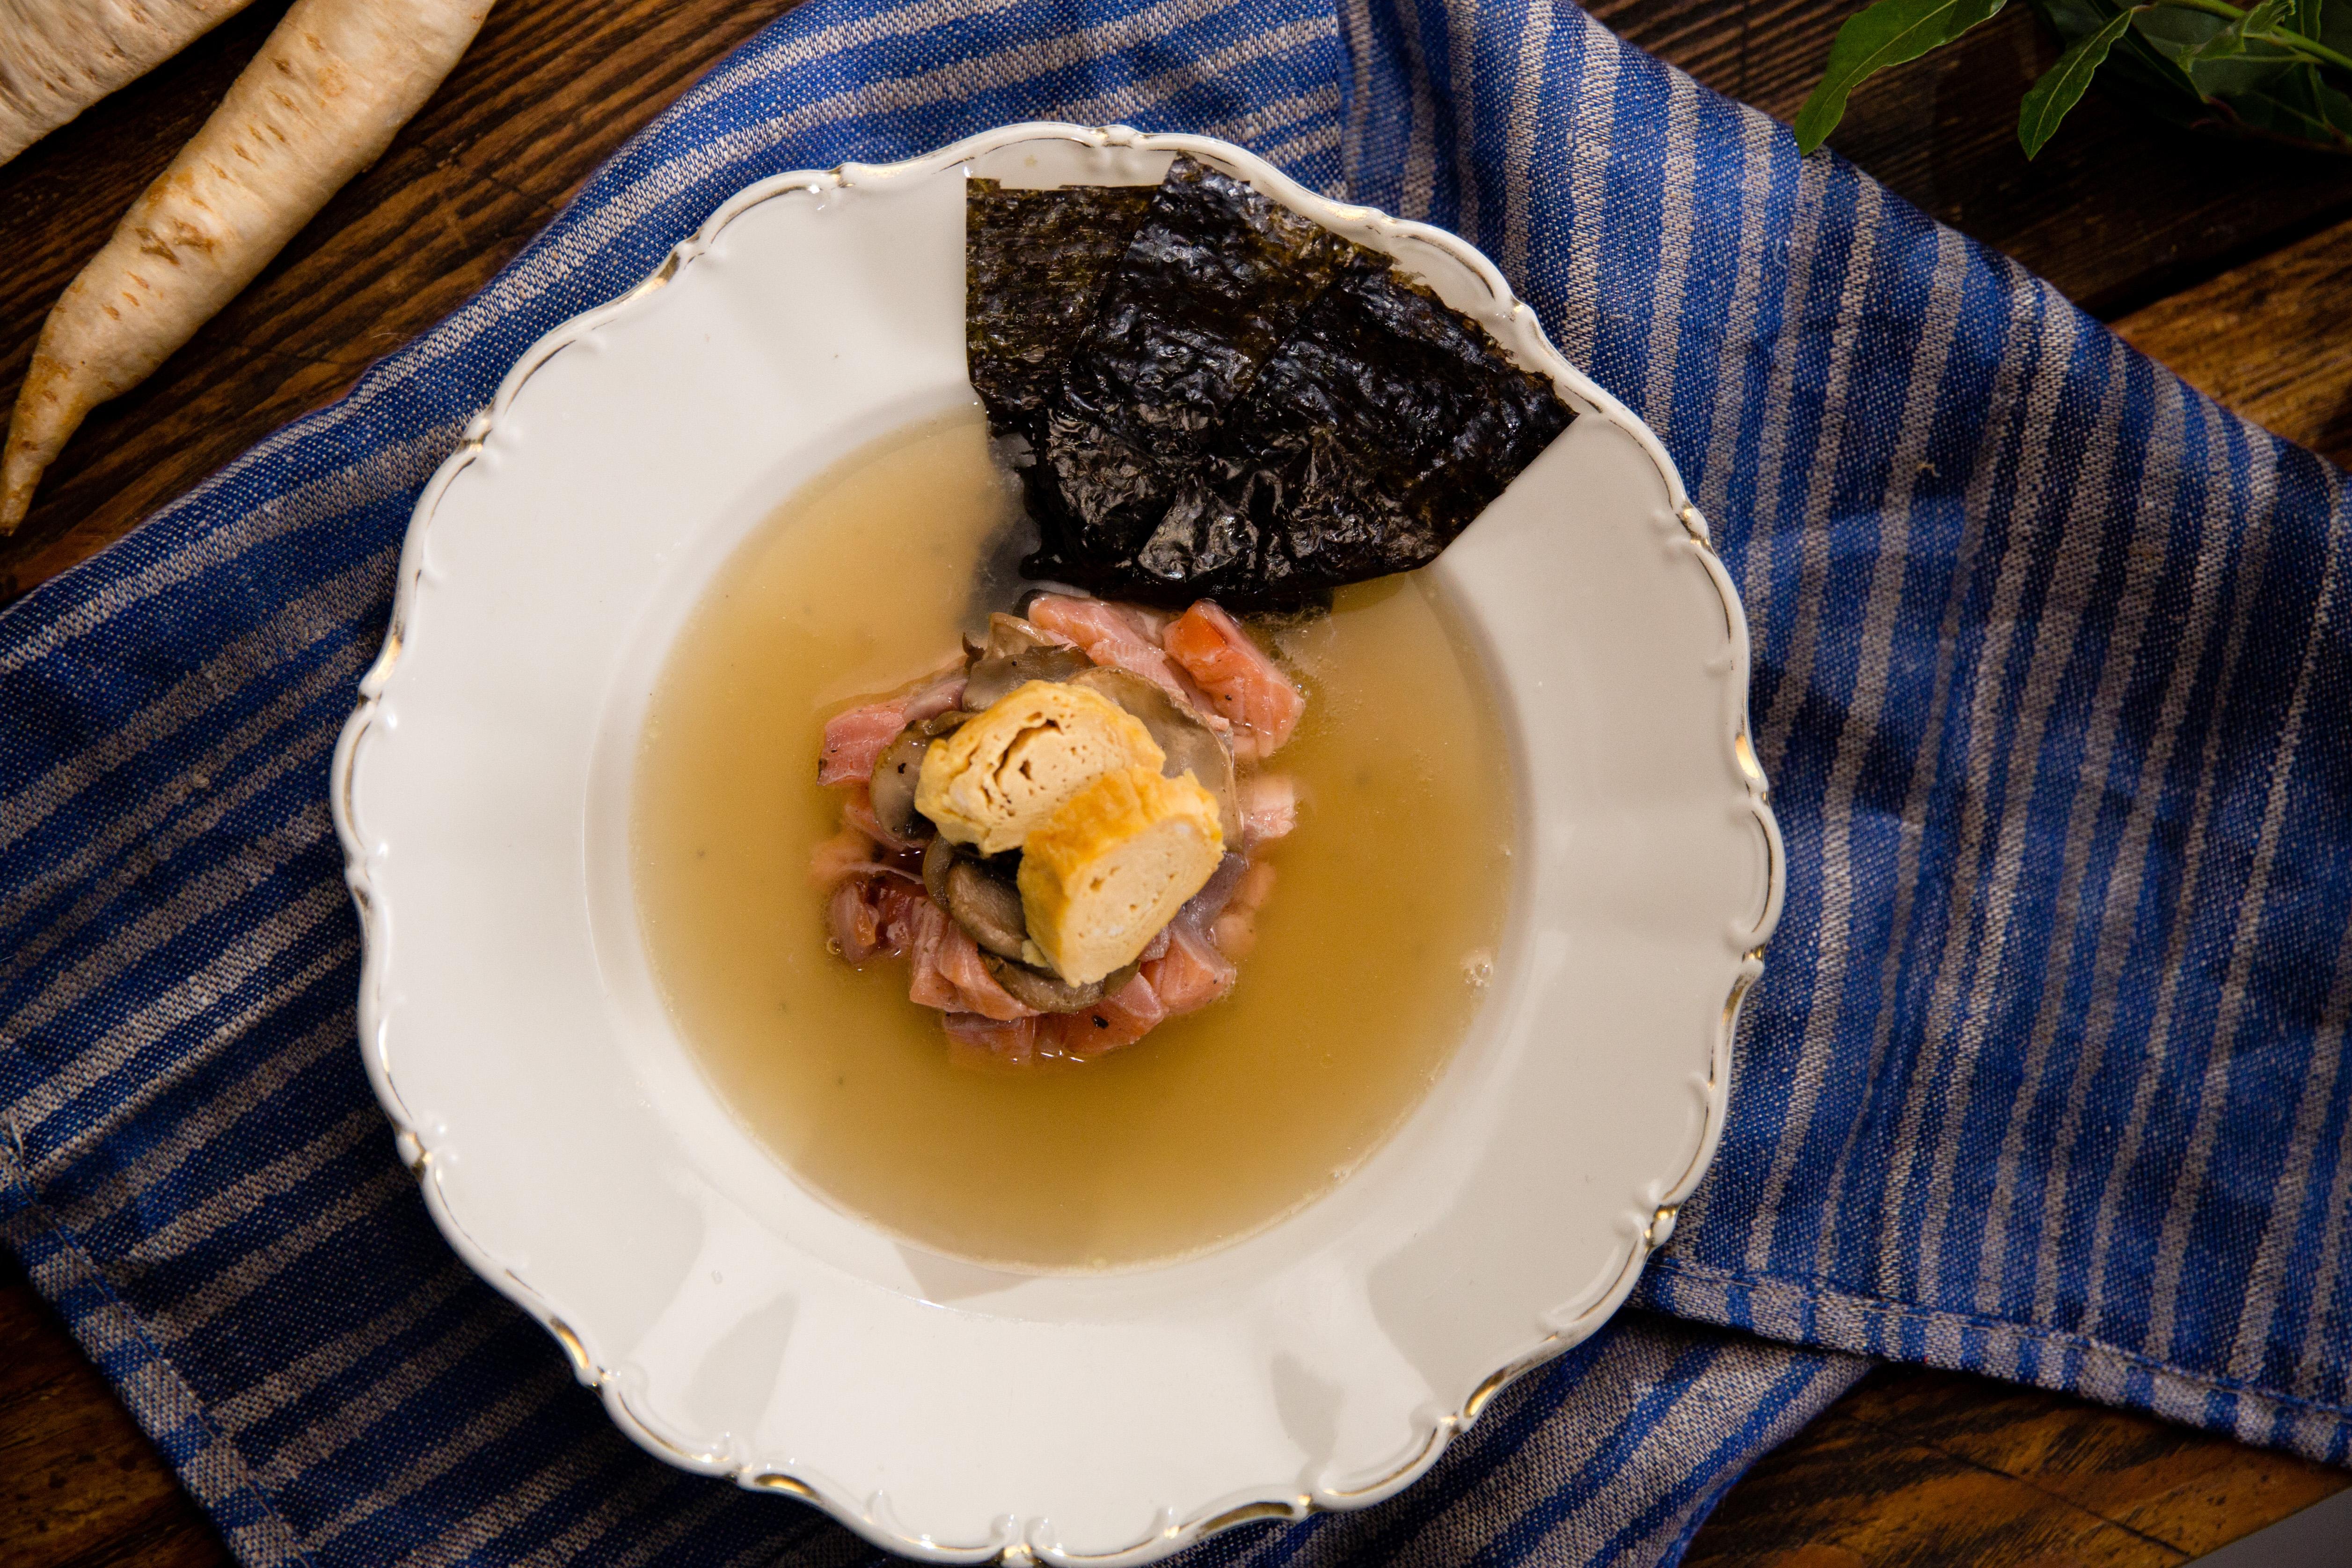 Zupa wielowymiarowa z makaronem z omletu i tatarem